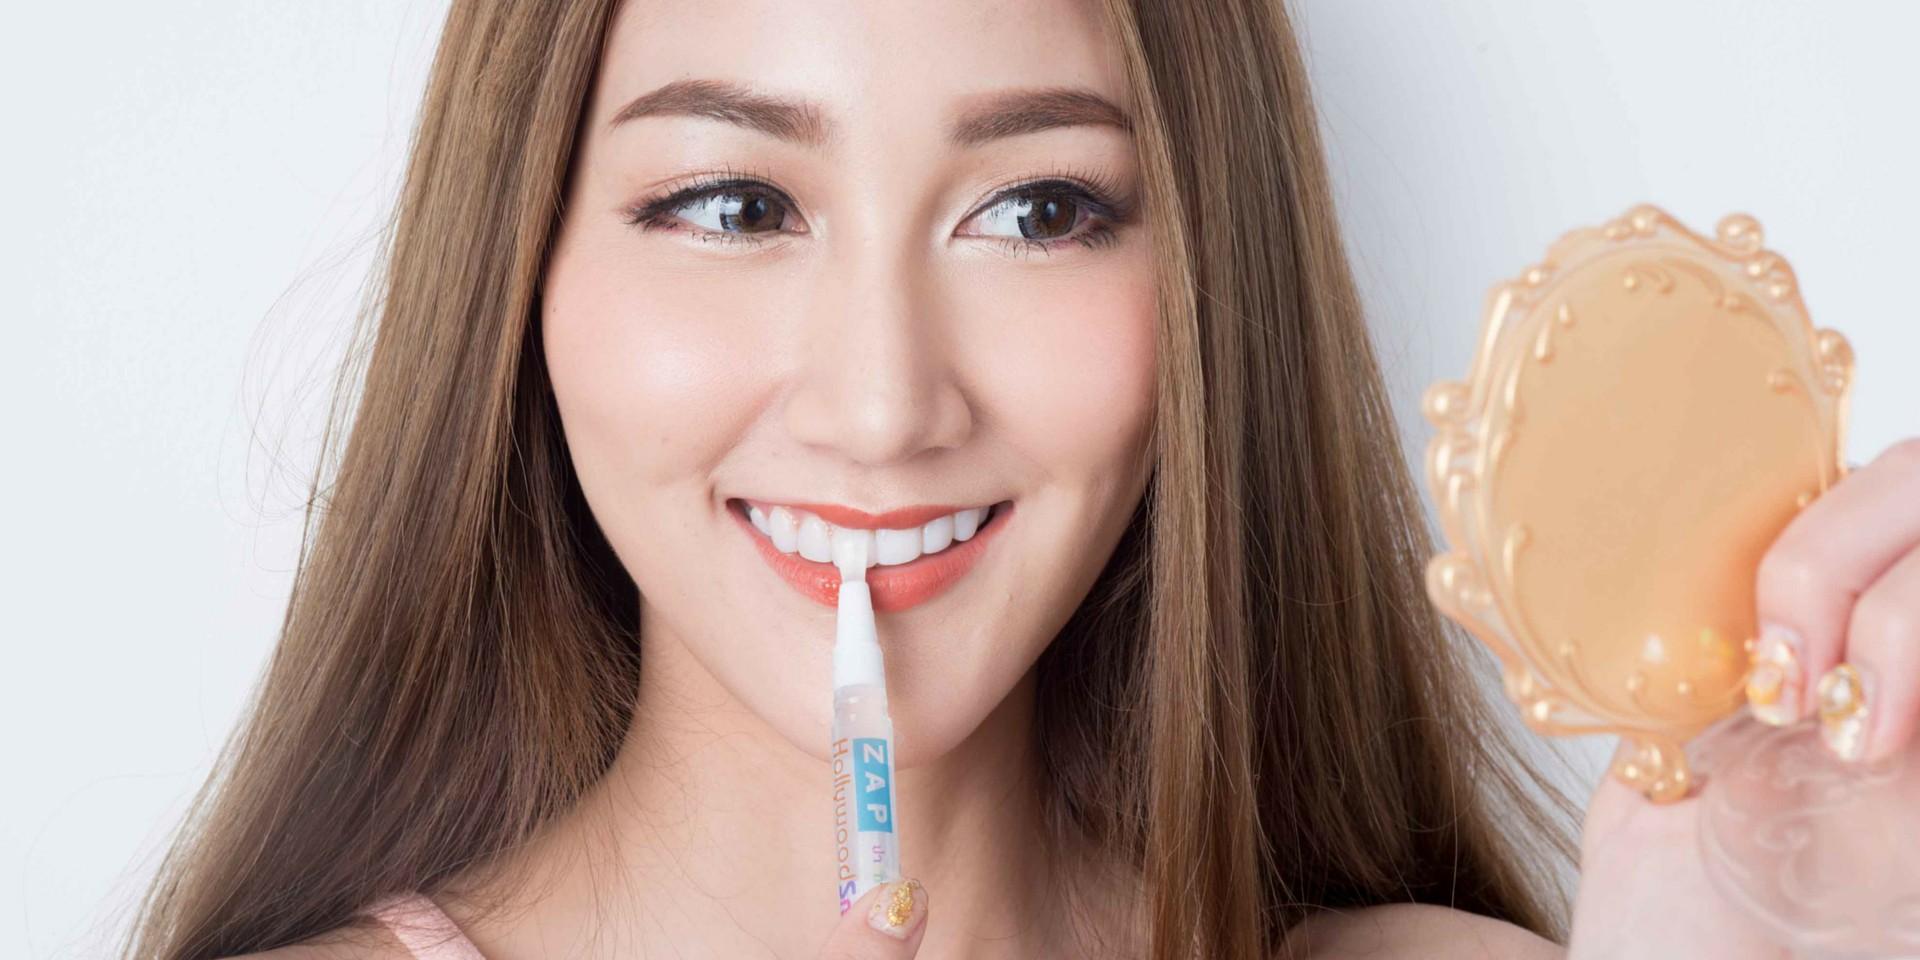 ฟอกฟันขาวเองได้ง่ายๆในราคาไม่ถึงพัน!